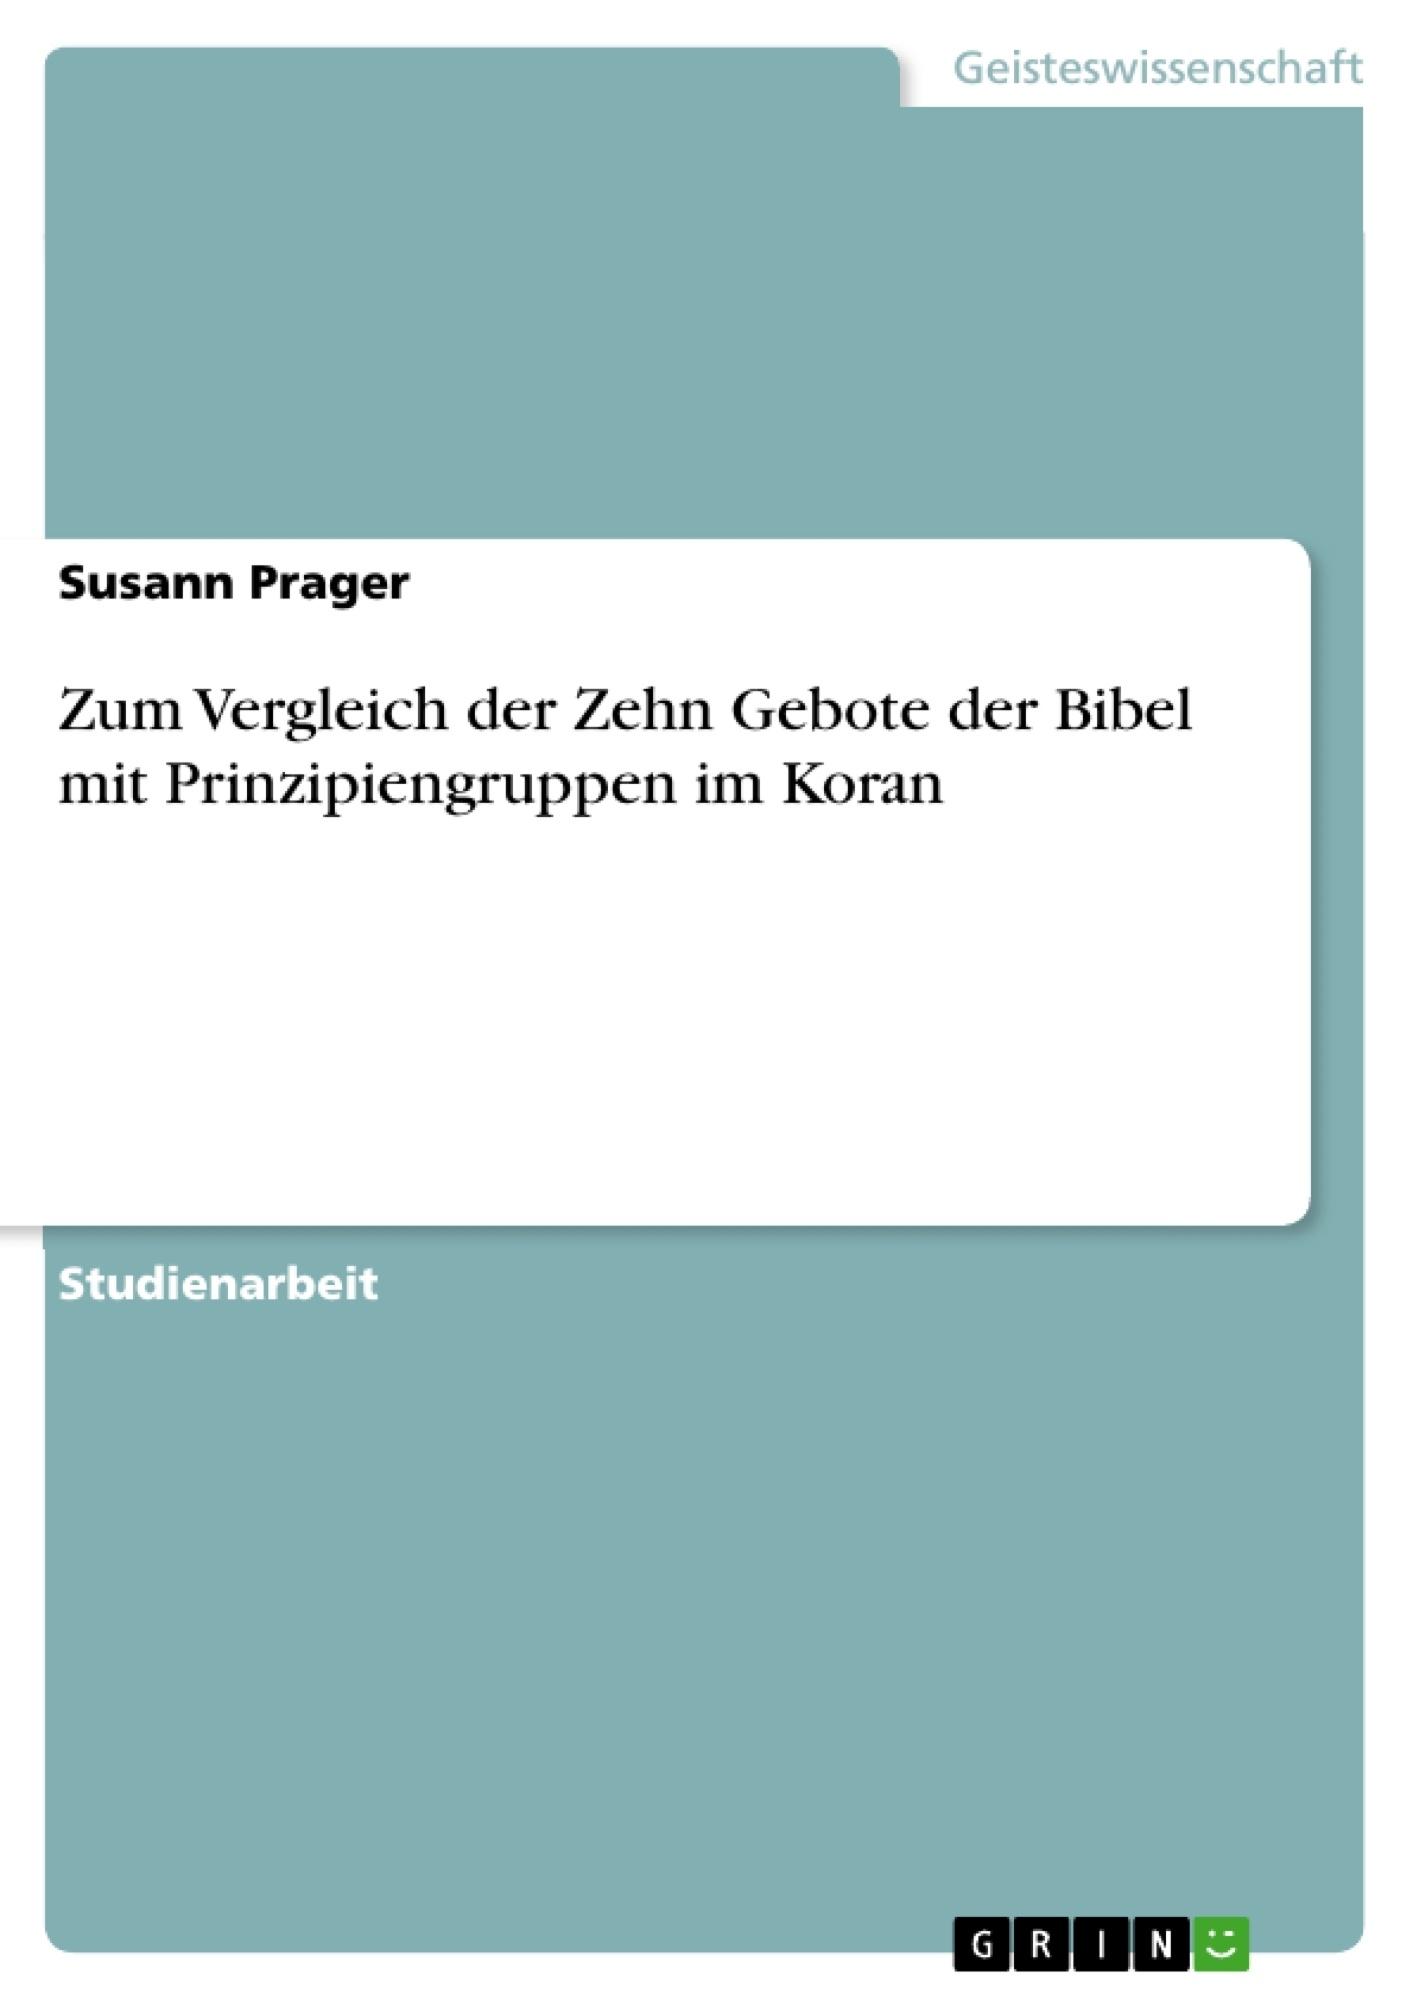 Titel: Zum Vergleich der Zehn Gebote der Bibel mit Prinzipiengruppen im Koran